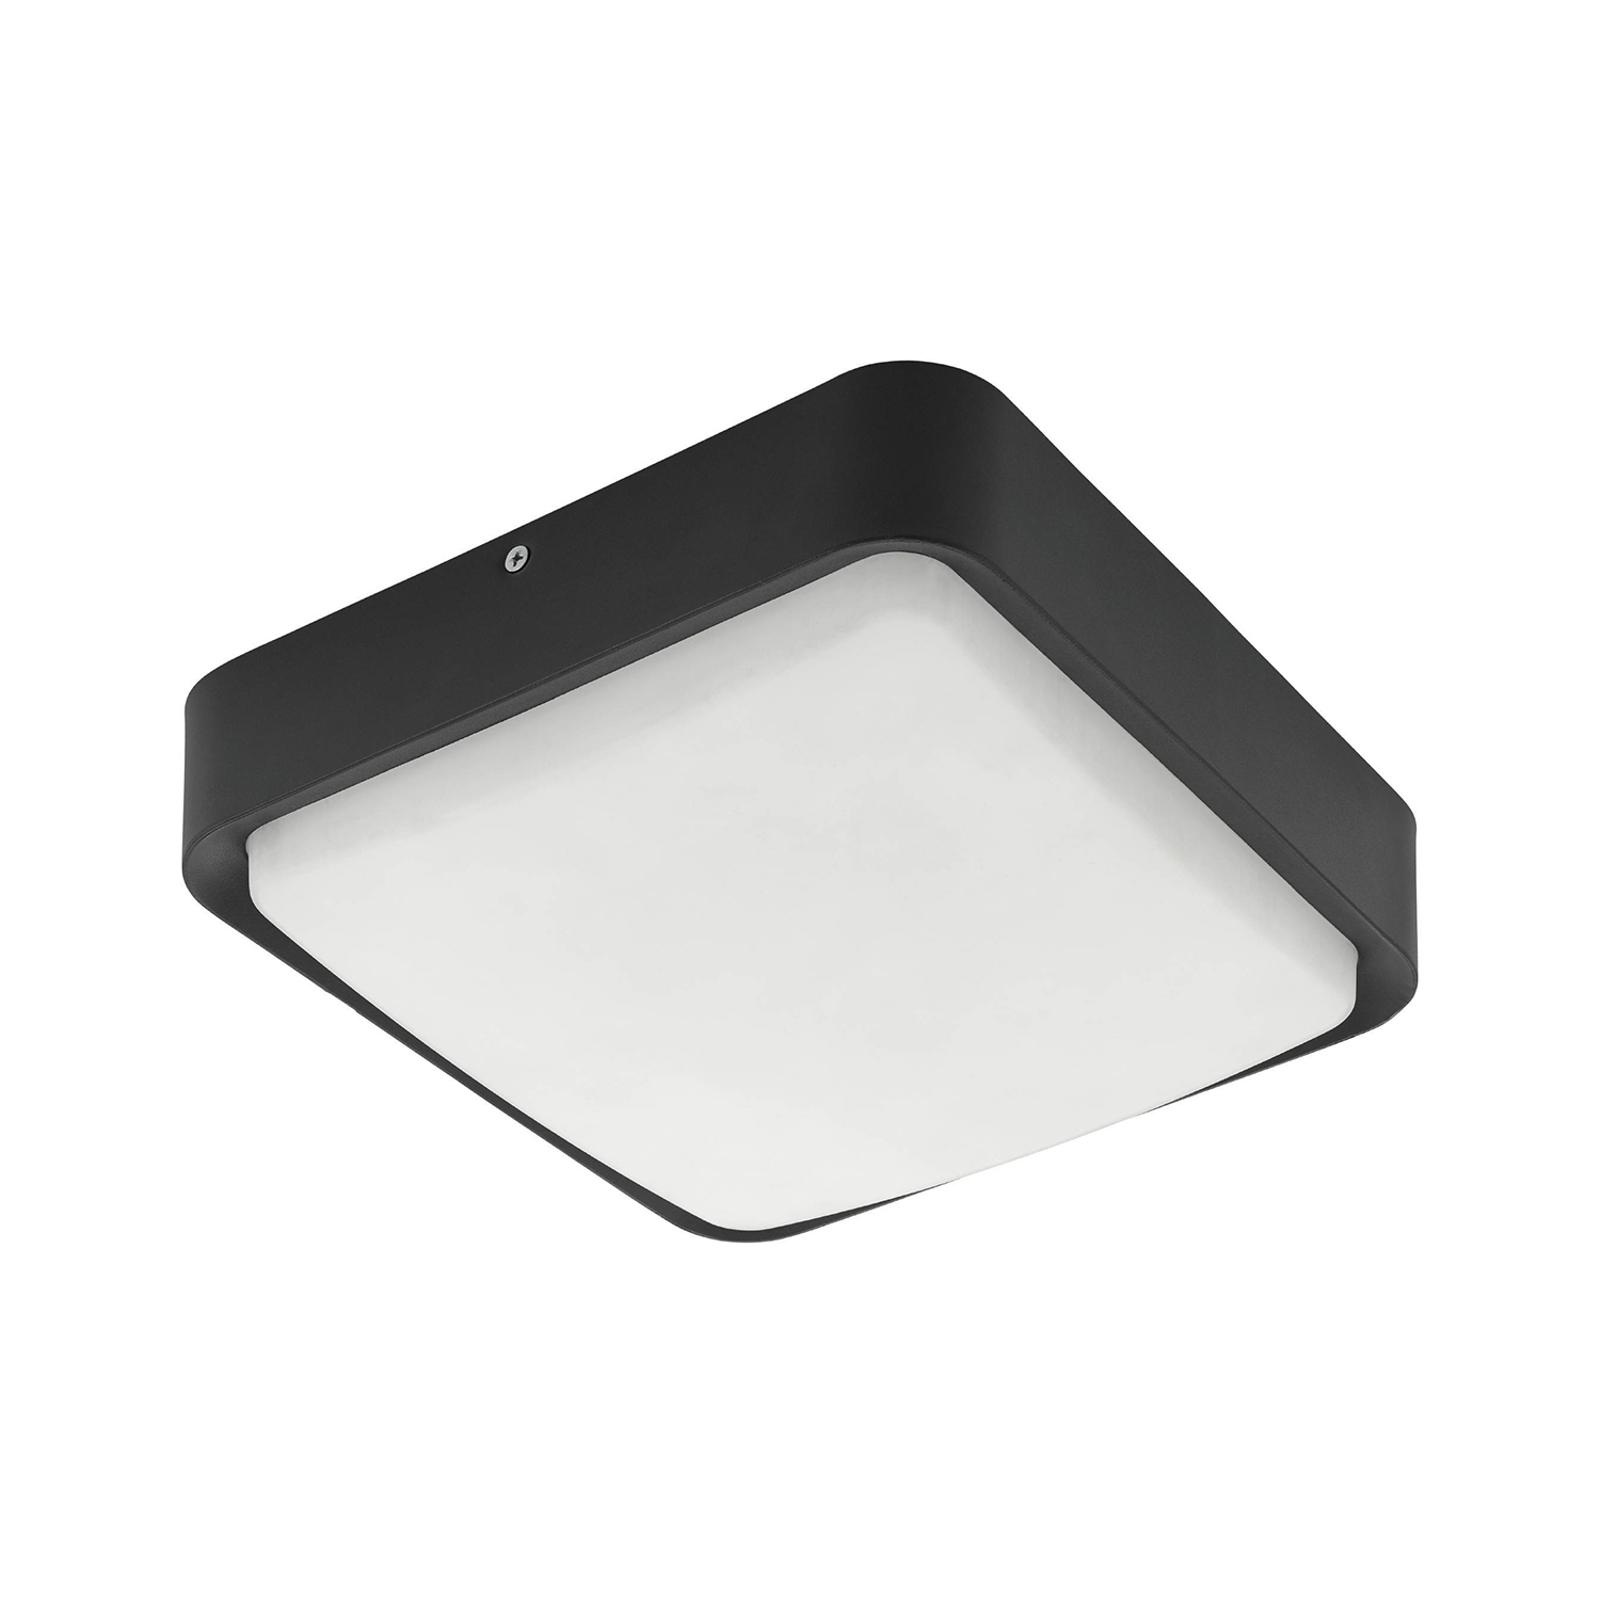 EGLO connect Piove-C utendørs LED-vegglampe